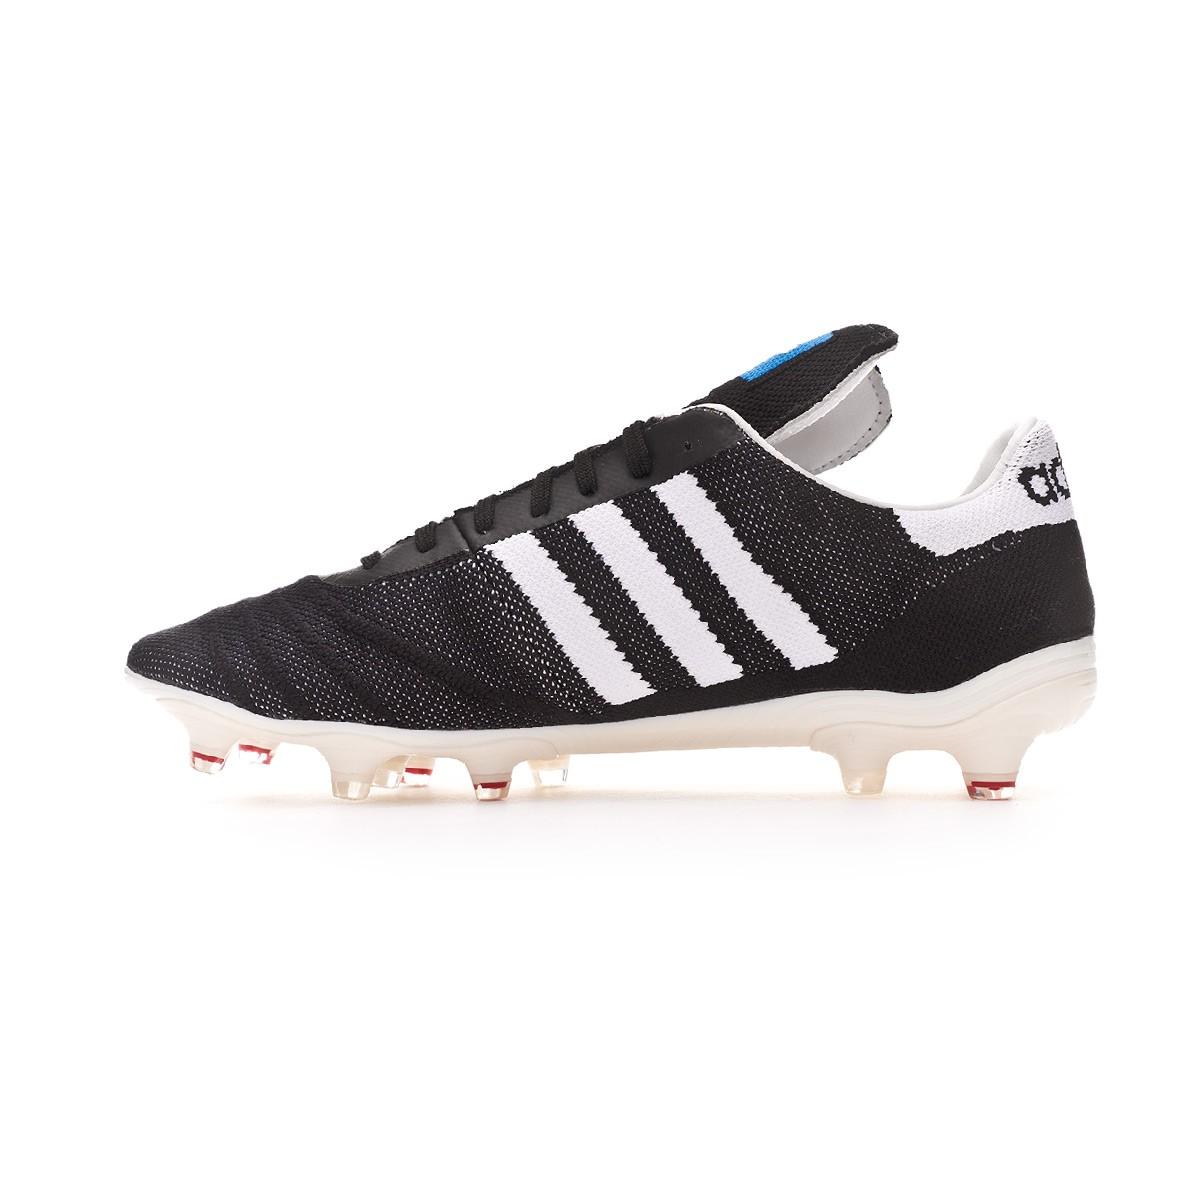 9012e0b4fe Football Boots adidas Copa 70Y FG Core Black-White-Red - Football store  Fútbol Emotion